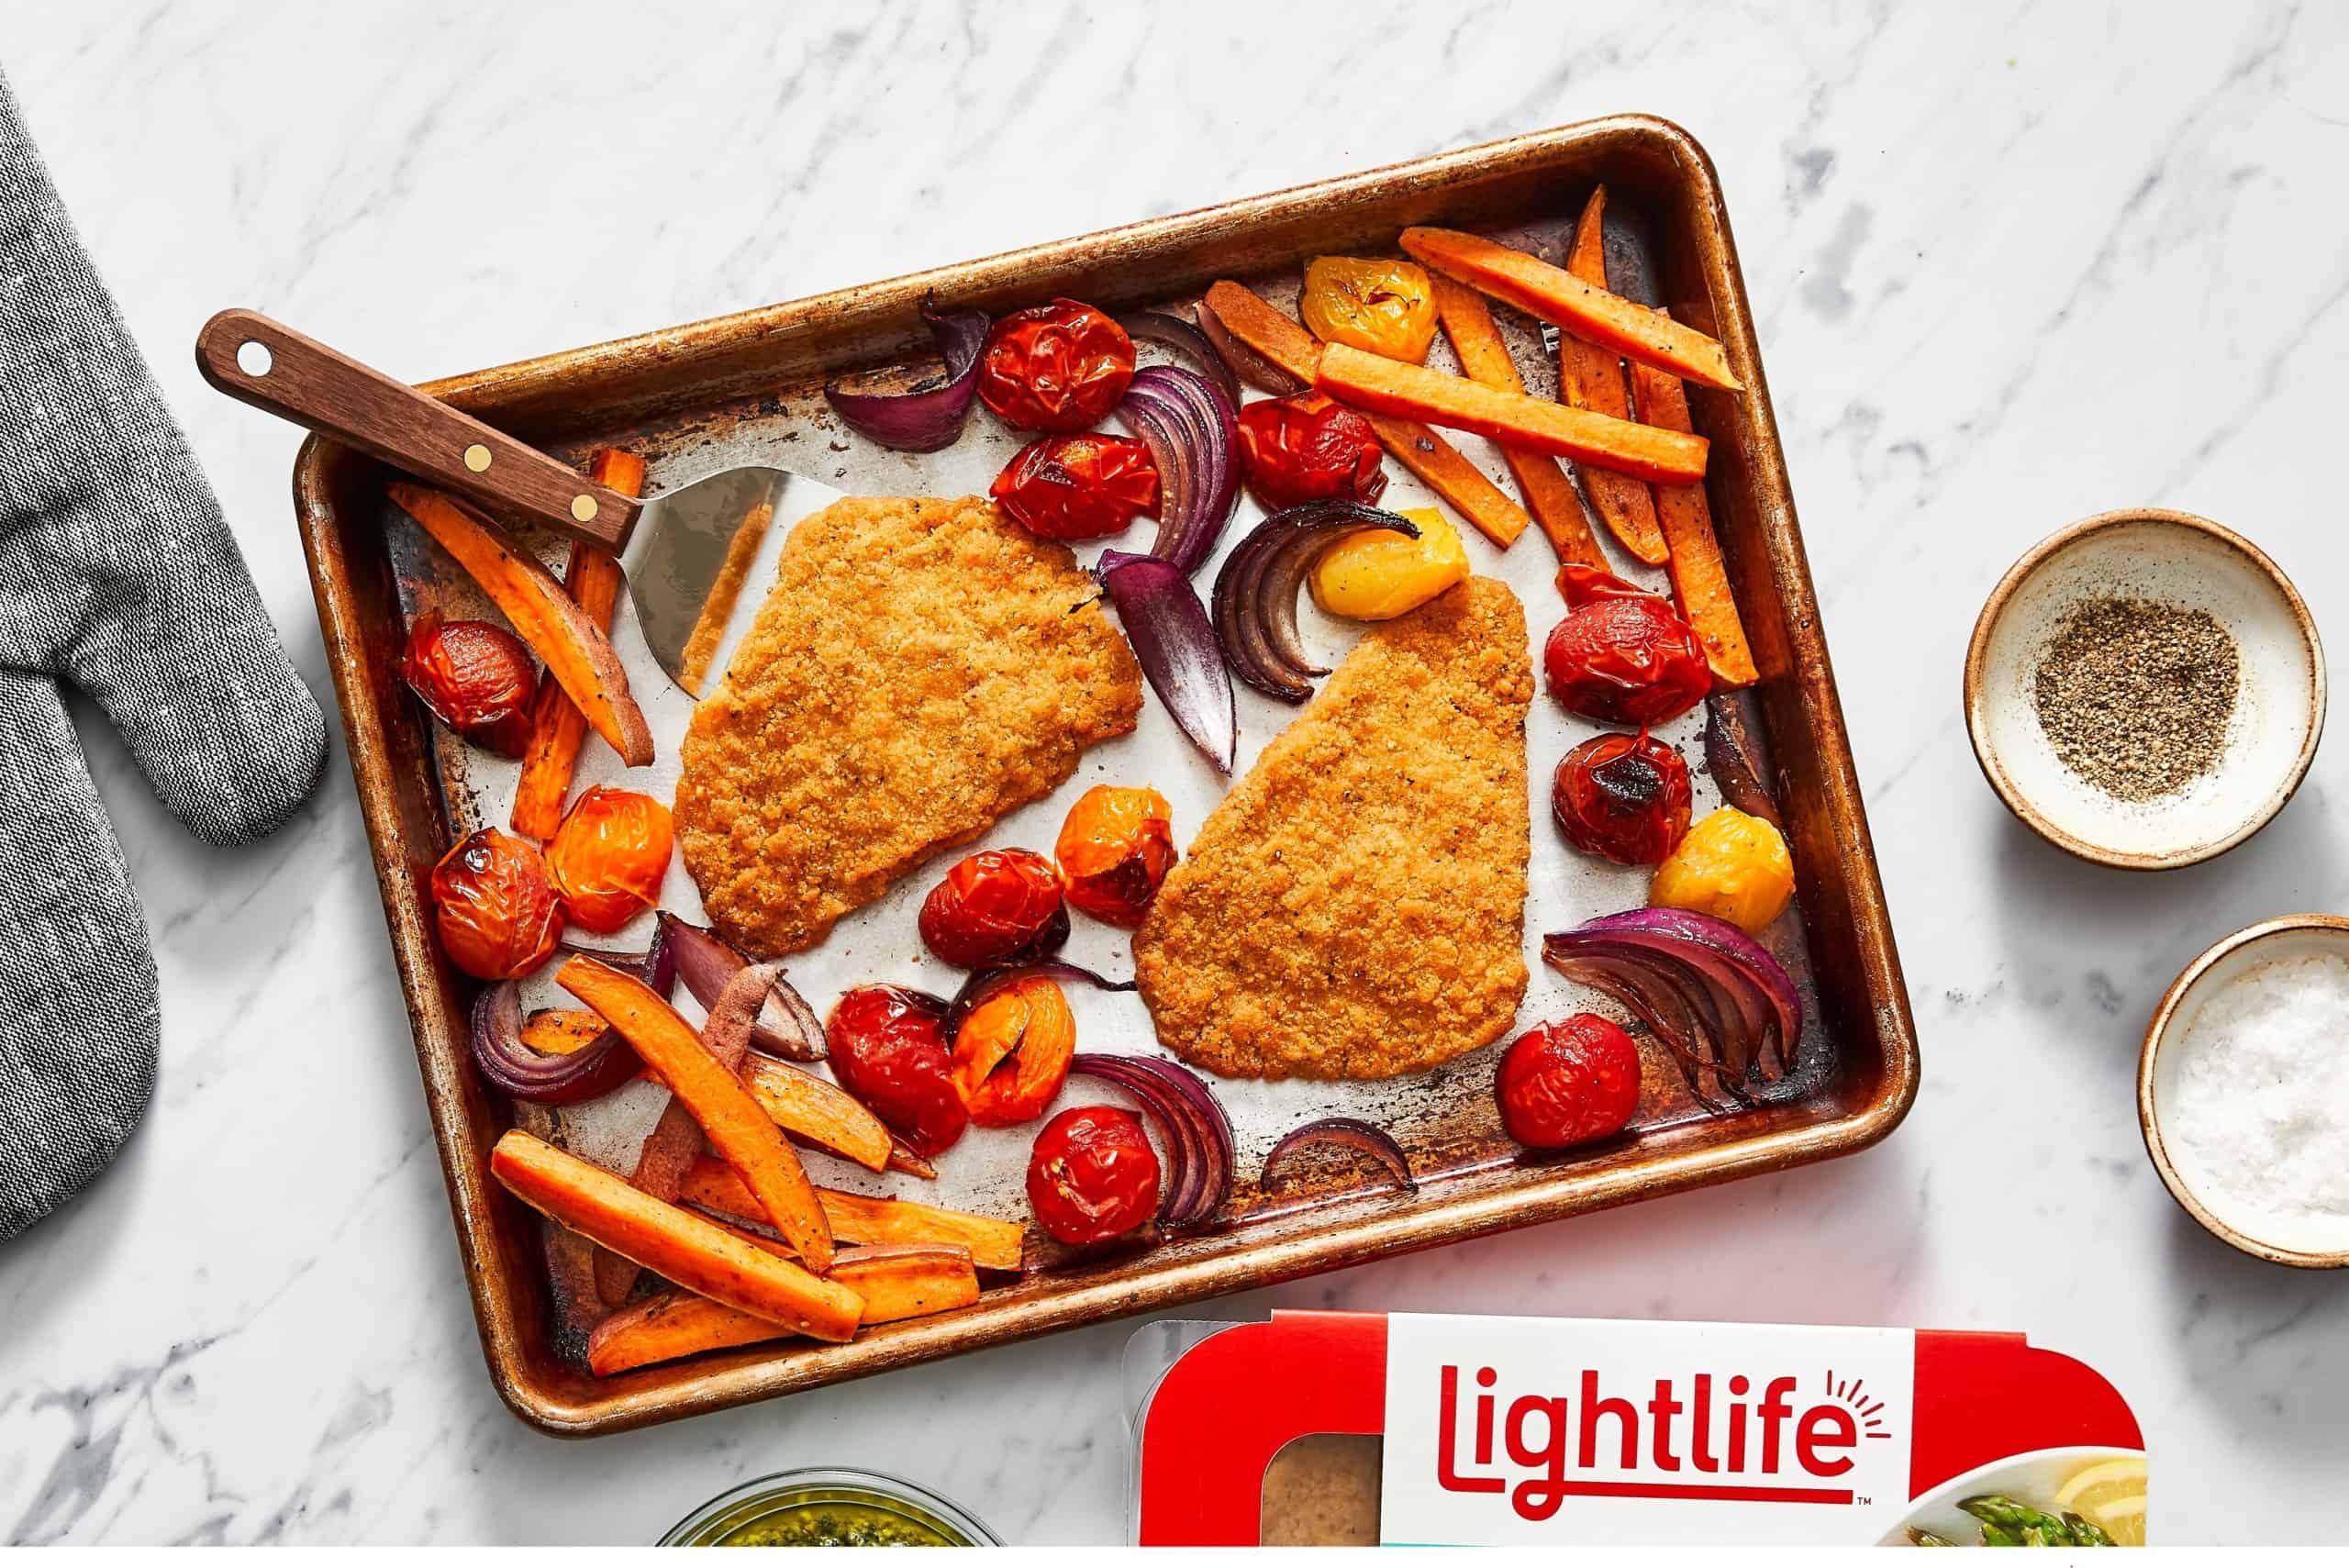 Lightlife_Chicken